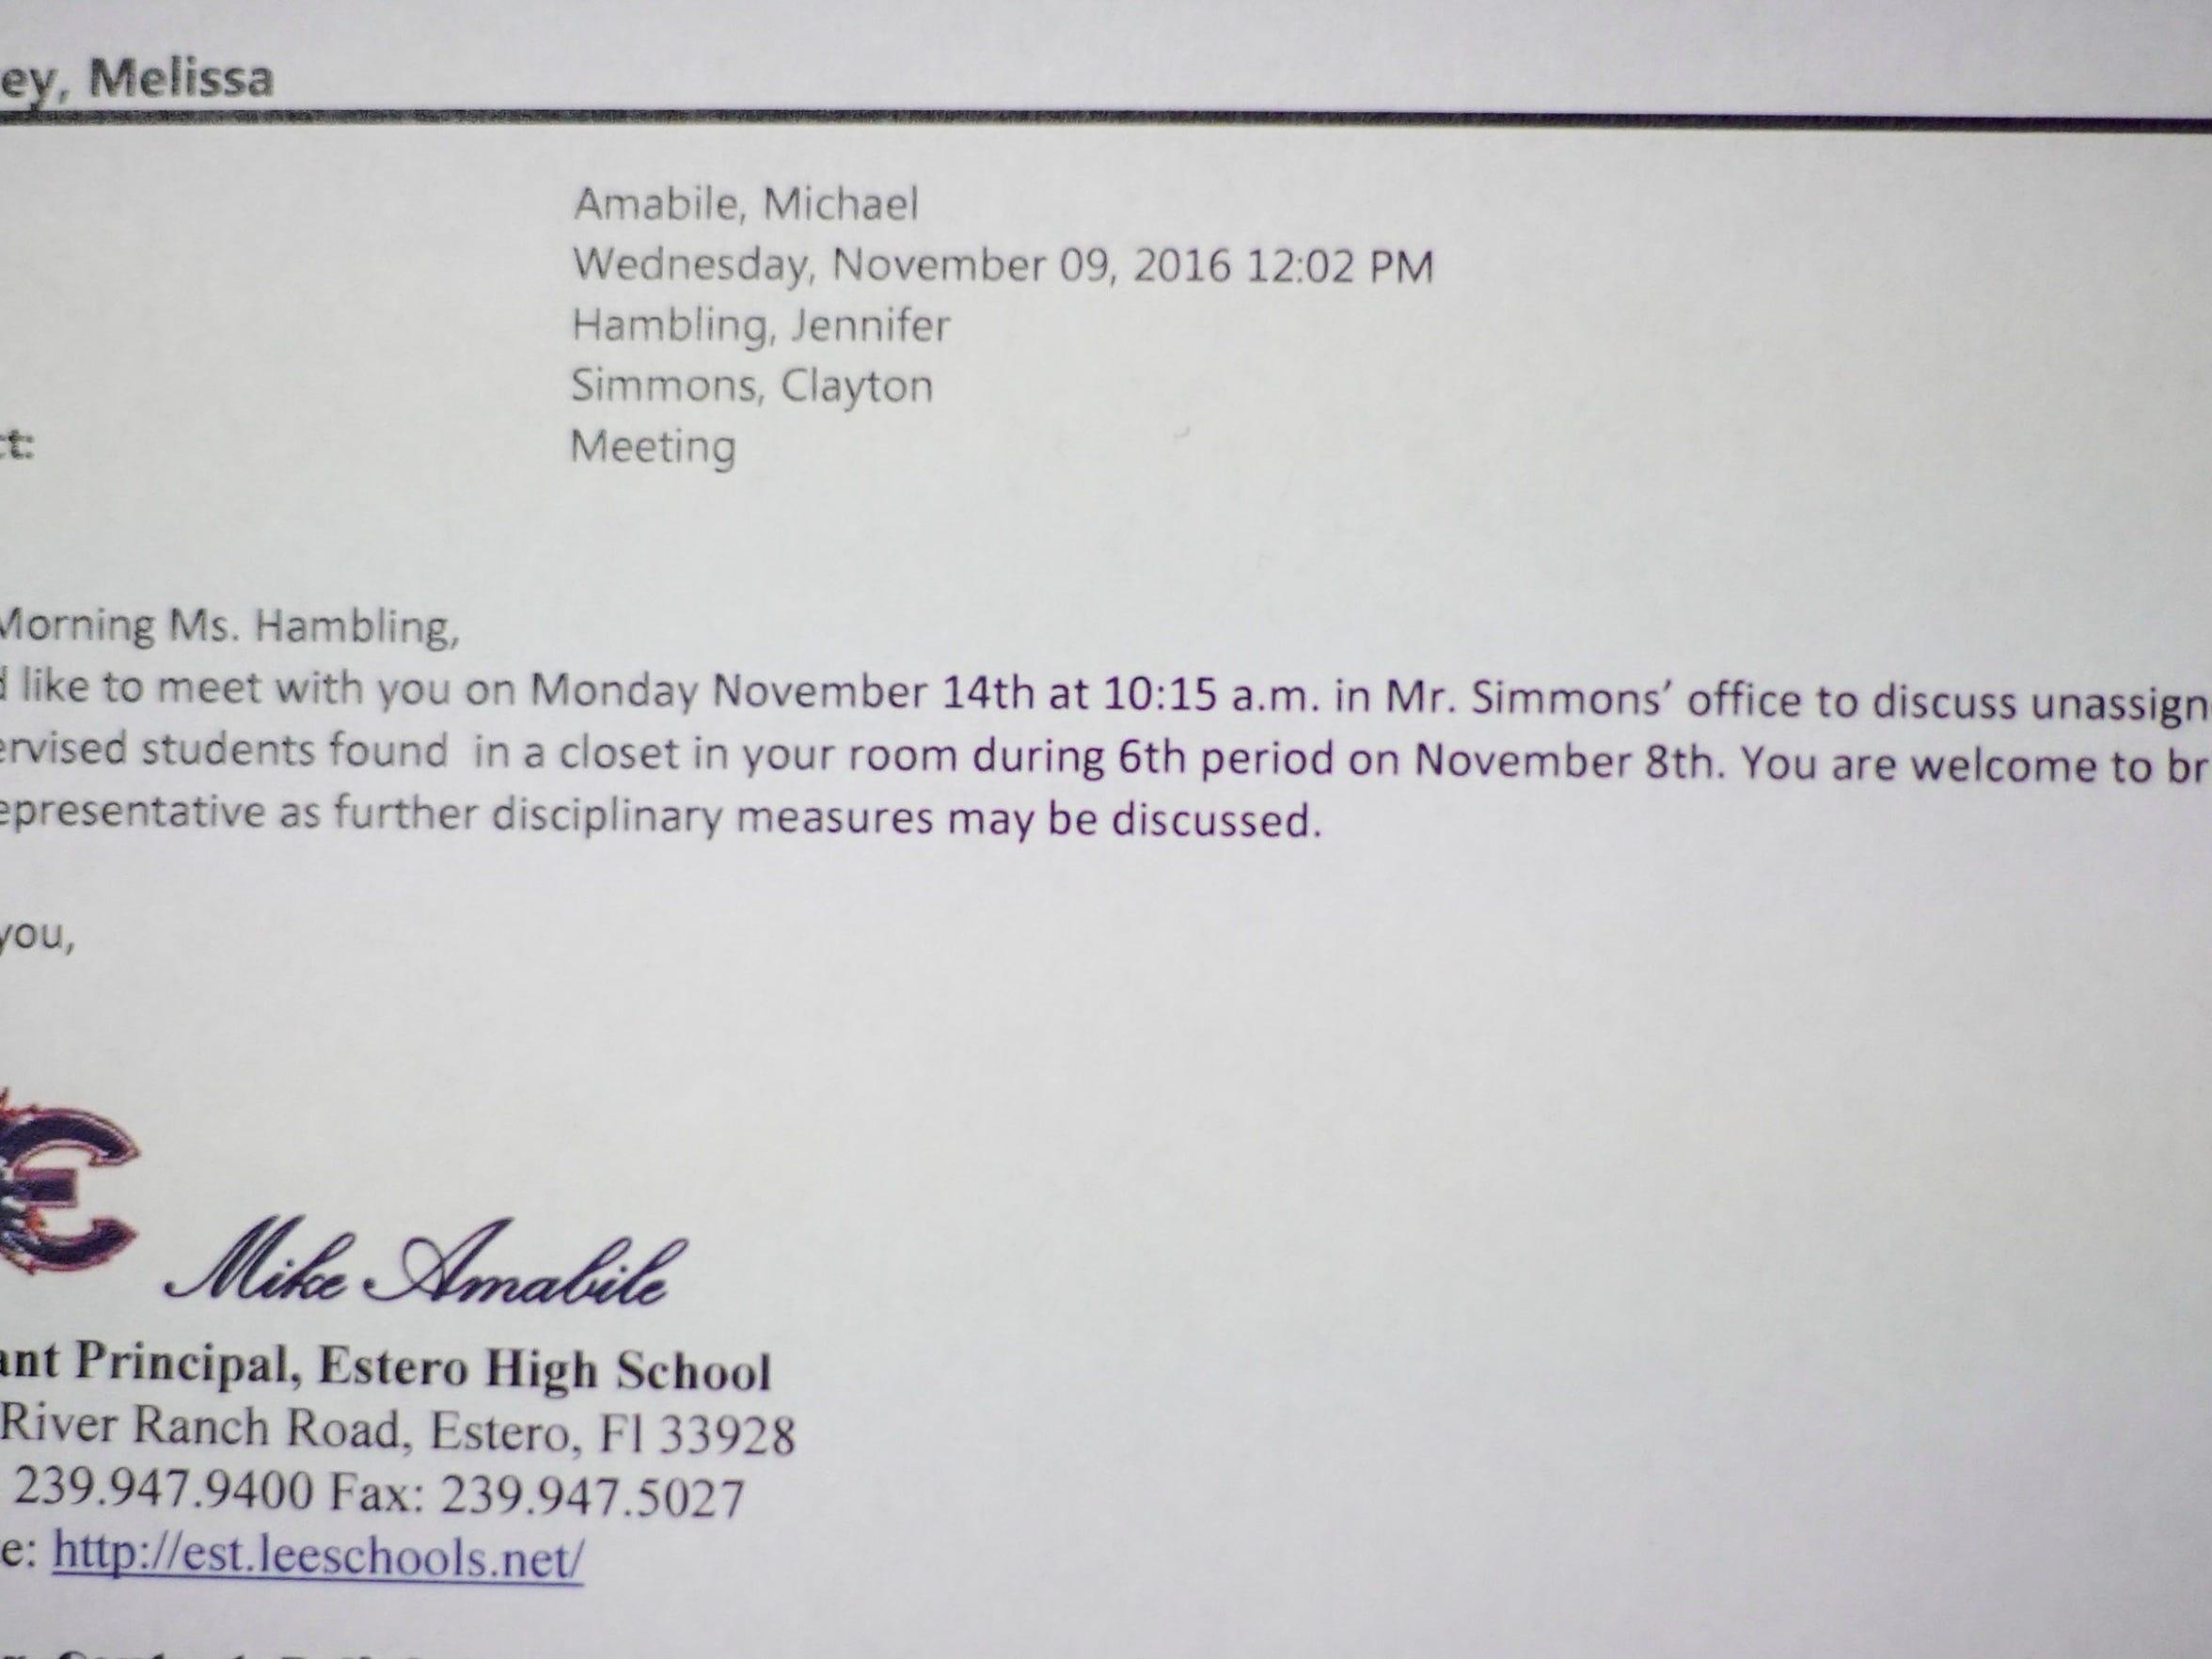 Estero High School's assistant principal requests a